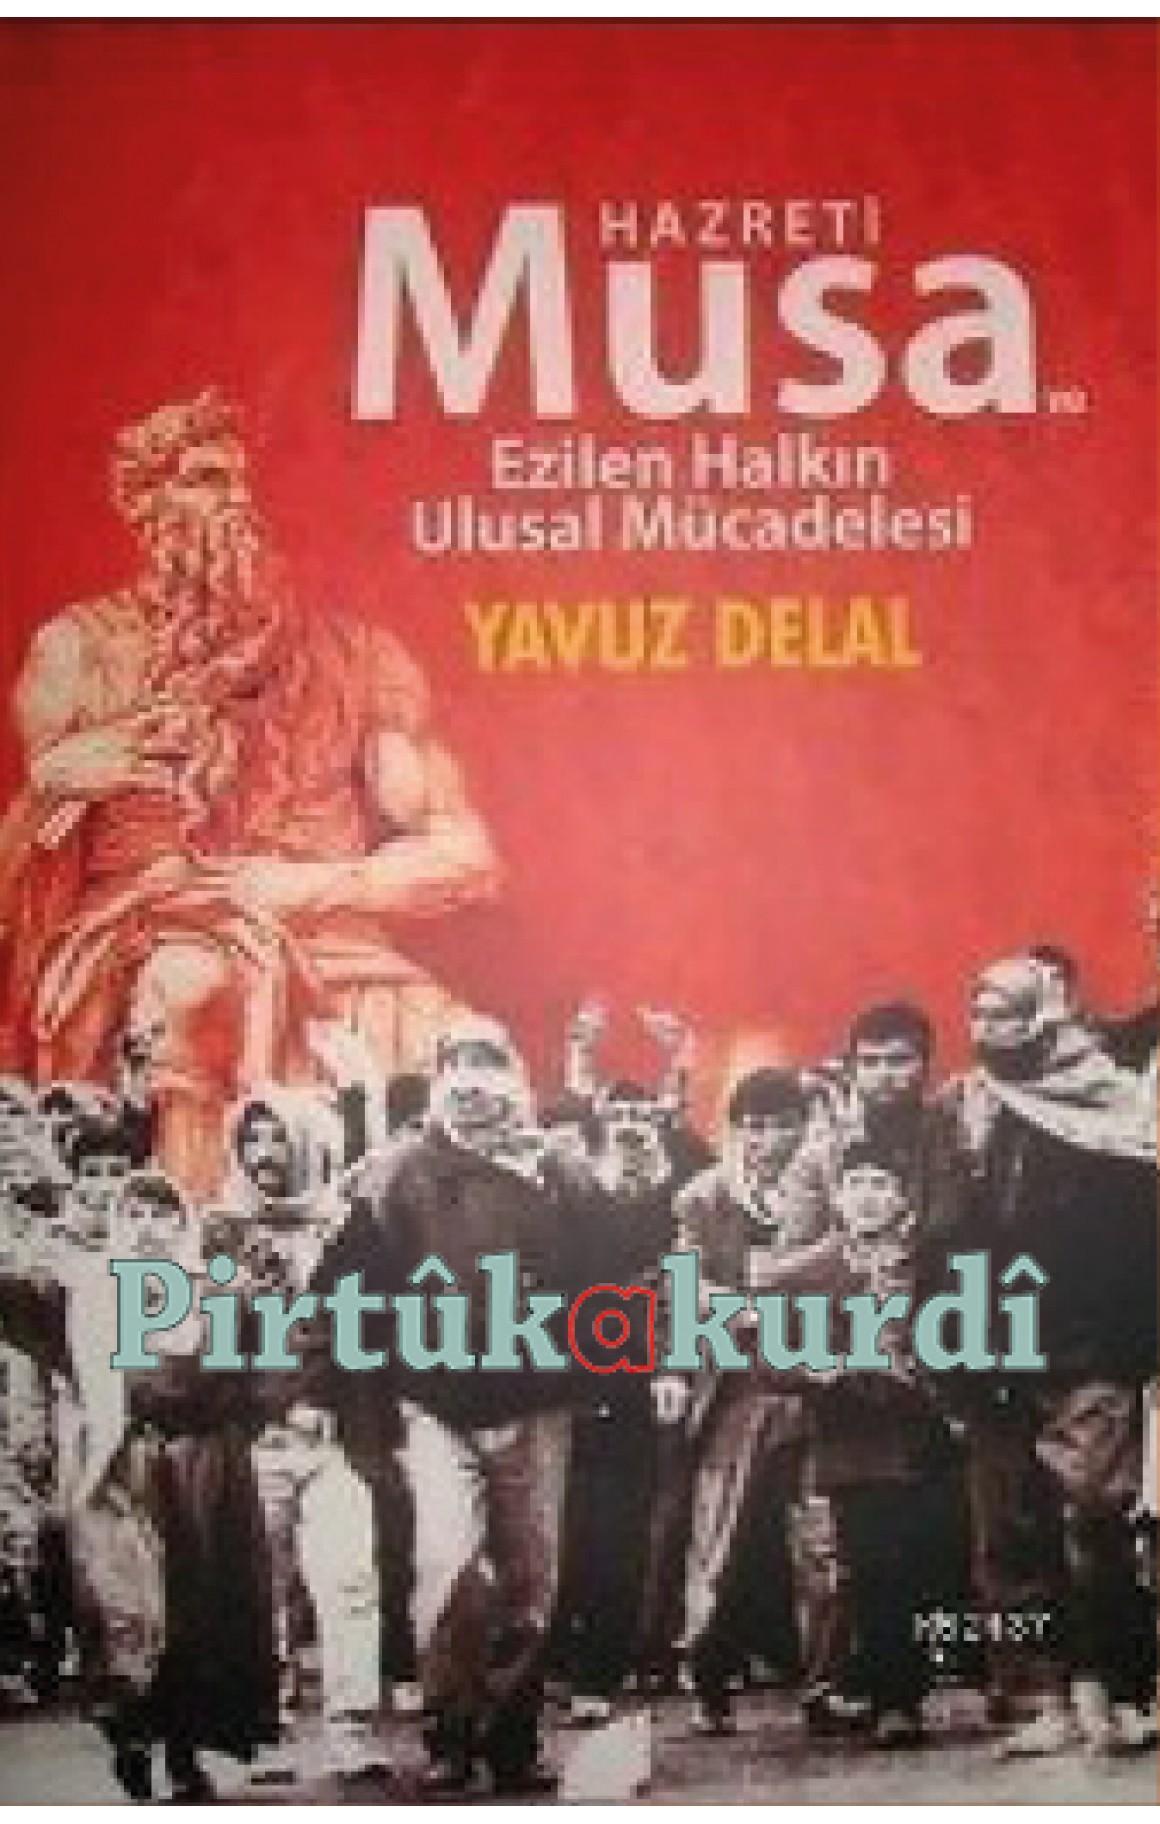 Hz. Musa ve Ezilen Halkın Ulusal Mücadelesi